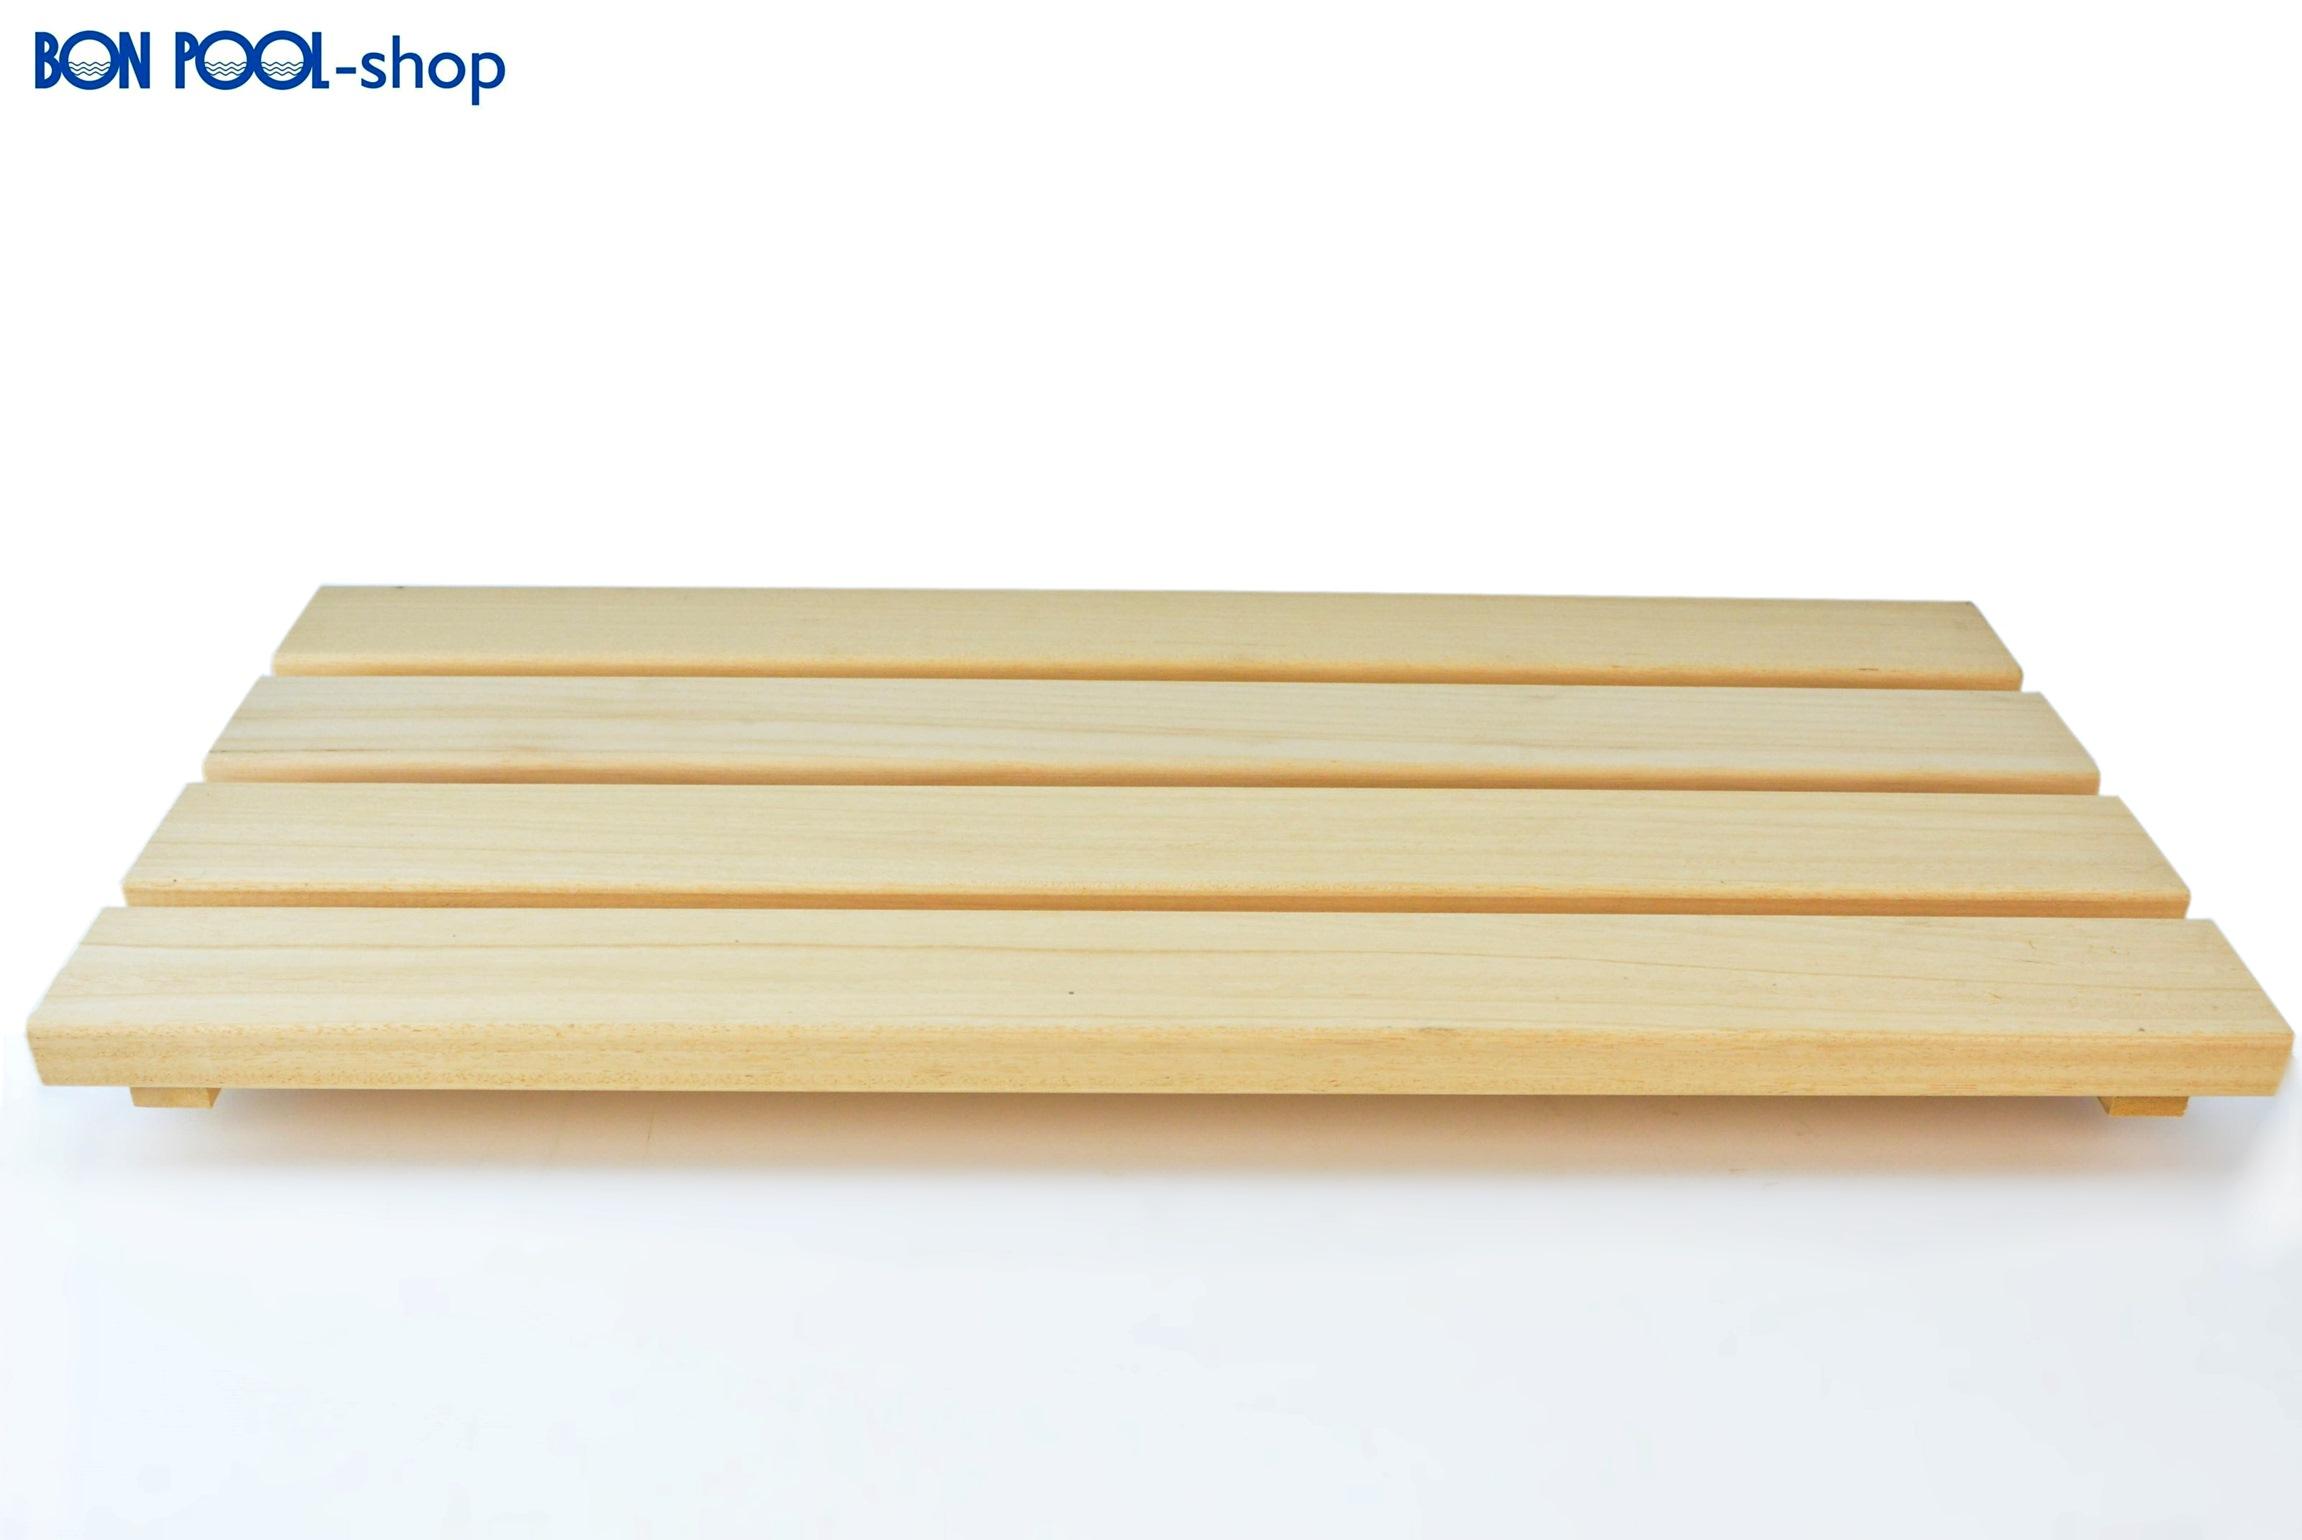 bodenrost abachi sauna weichholz 80x40 cm bon pool. Black Bedroom Furniture Sets. Home Design Ideas